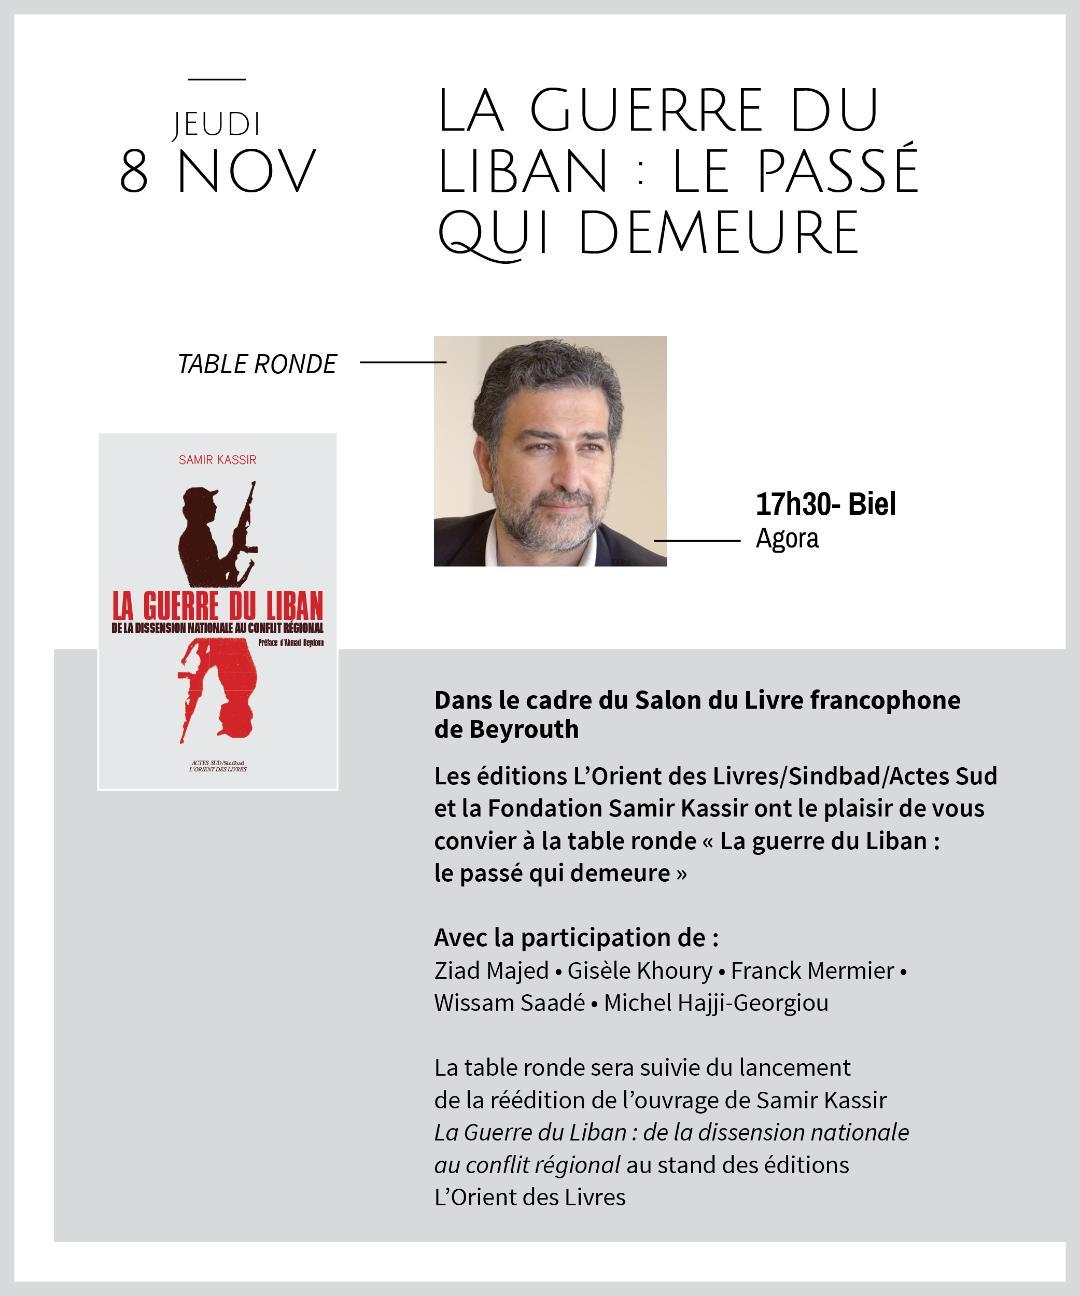 LA GUERRE DU LIBAN: LE PASSÉ QUI DEMEURE